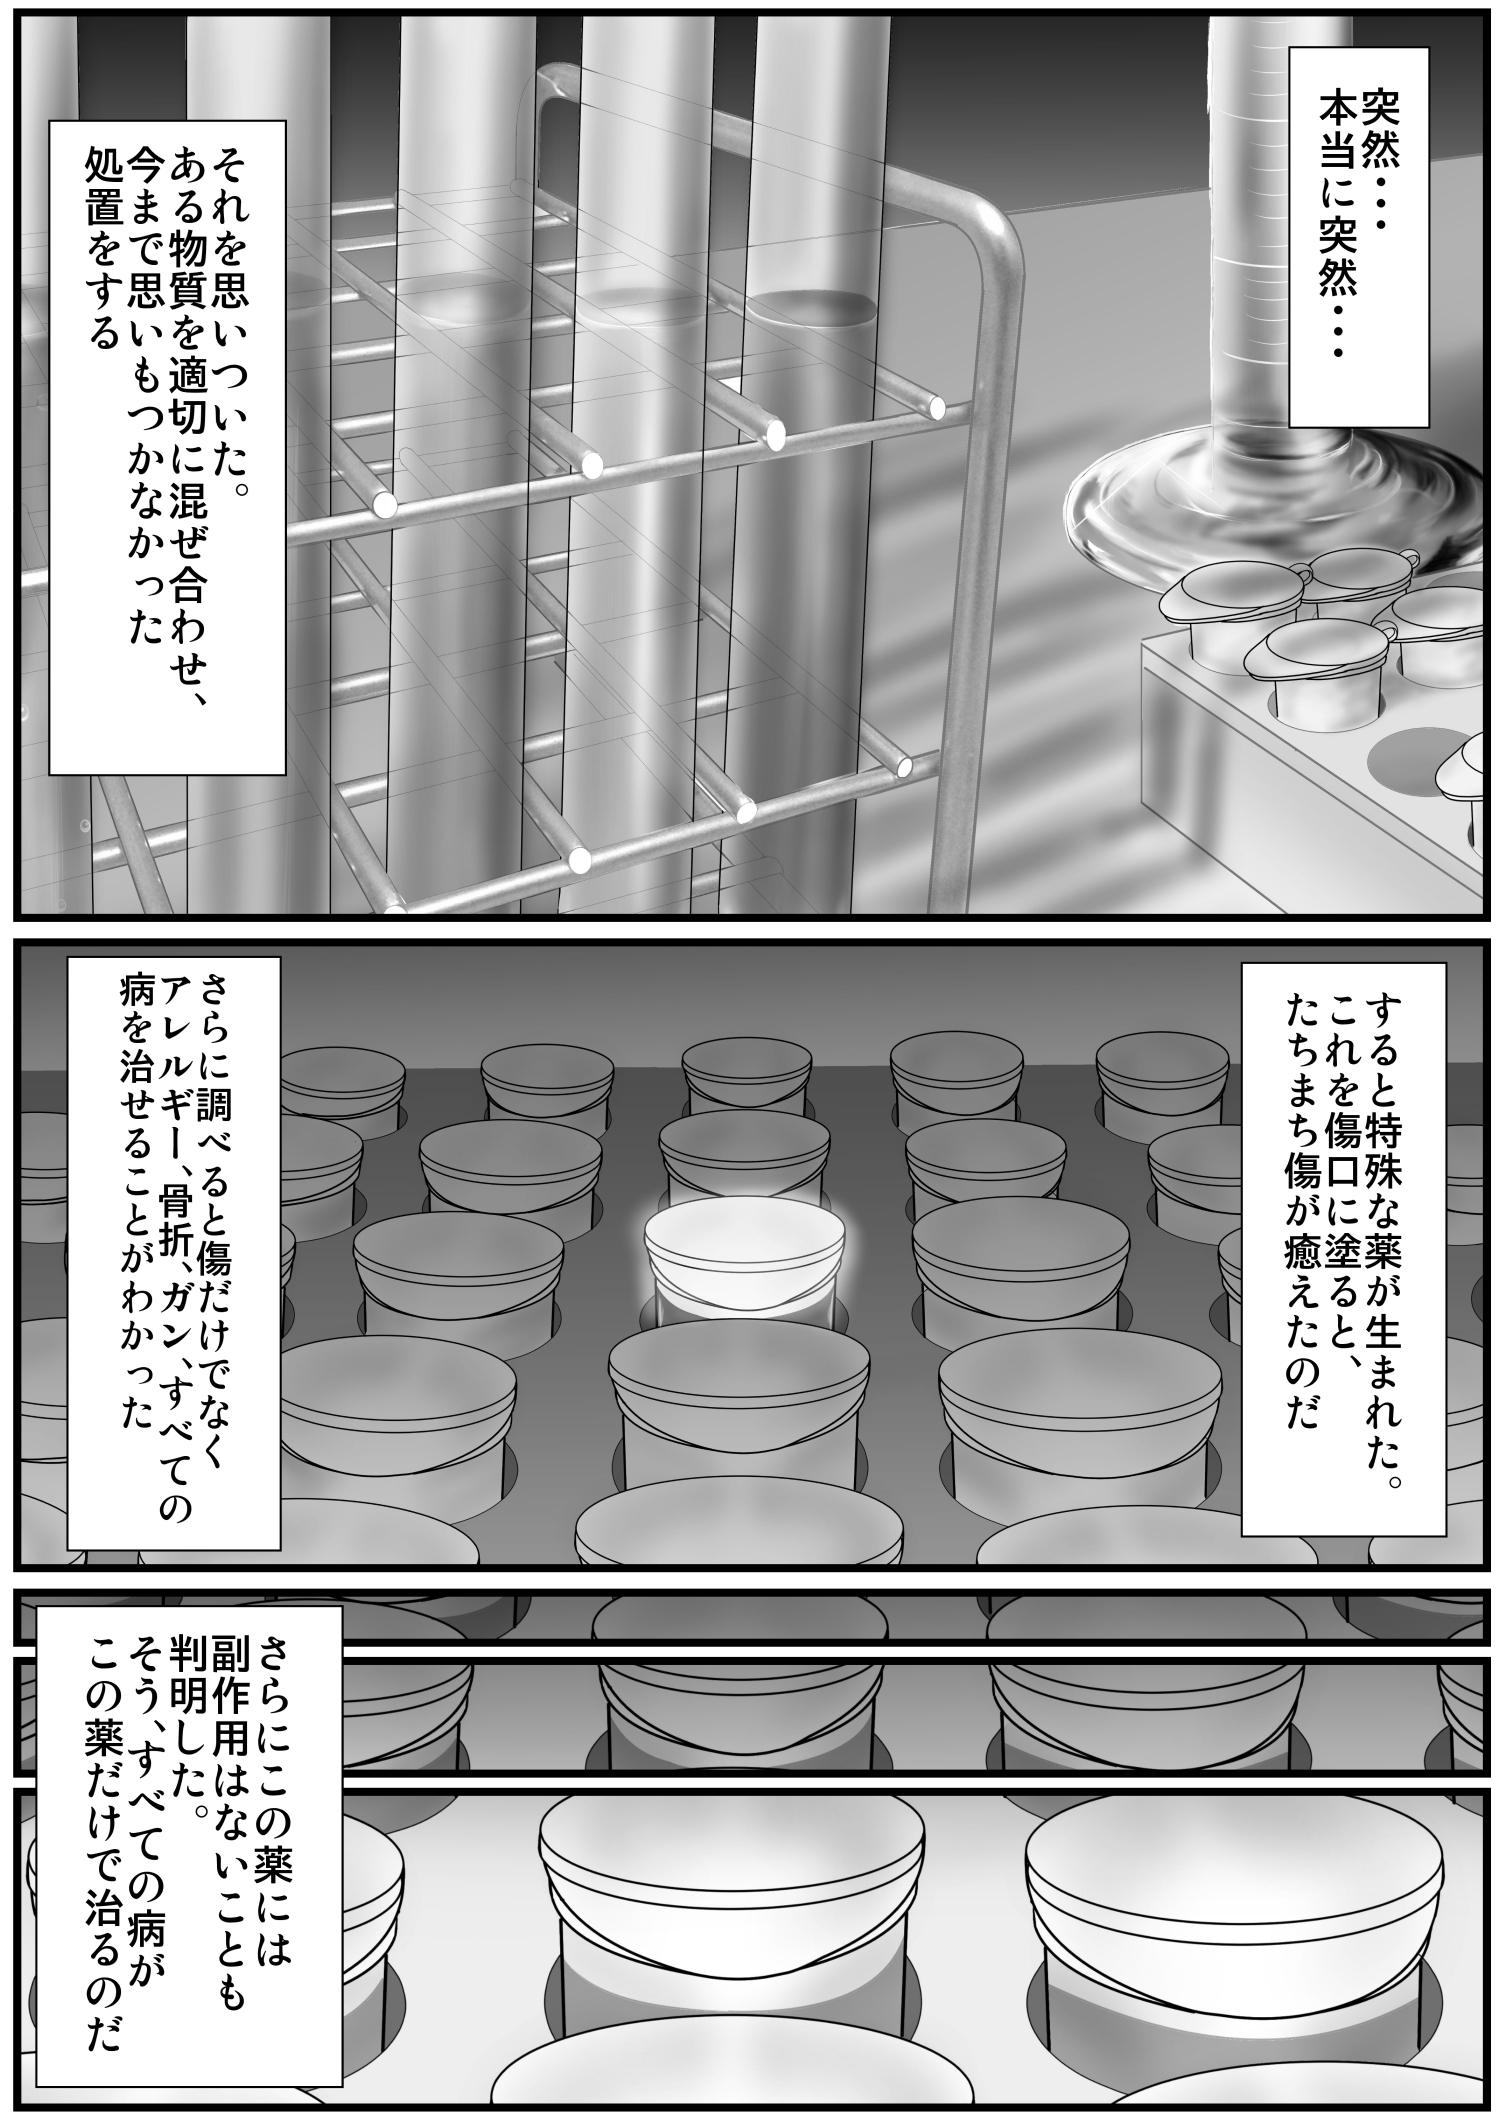 2019-4-13 最高の薬_001